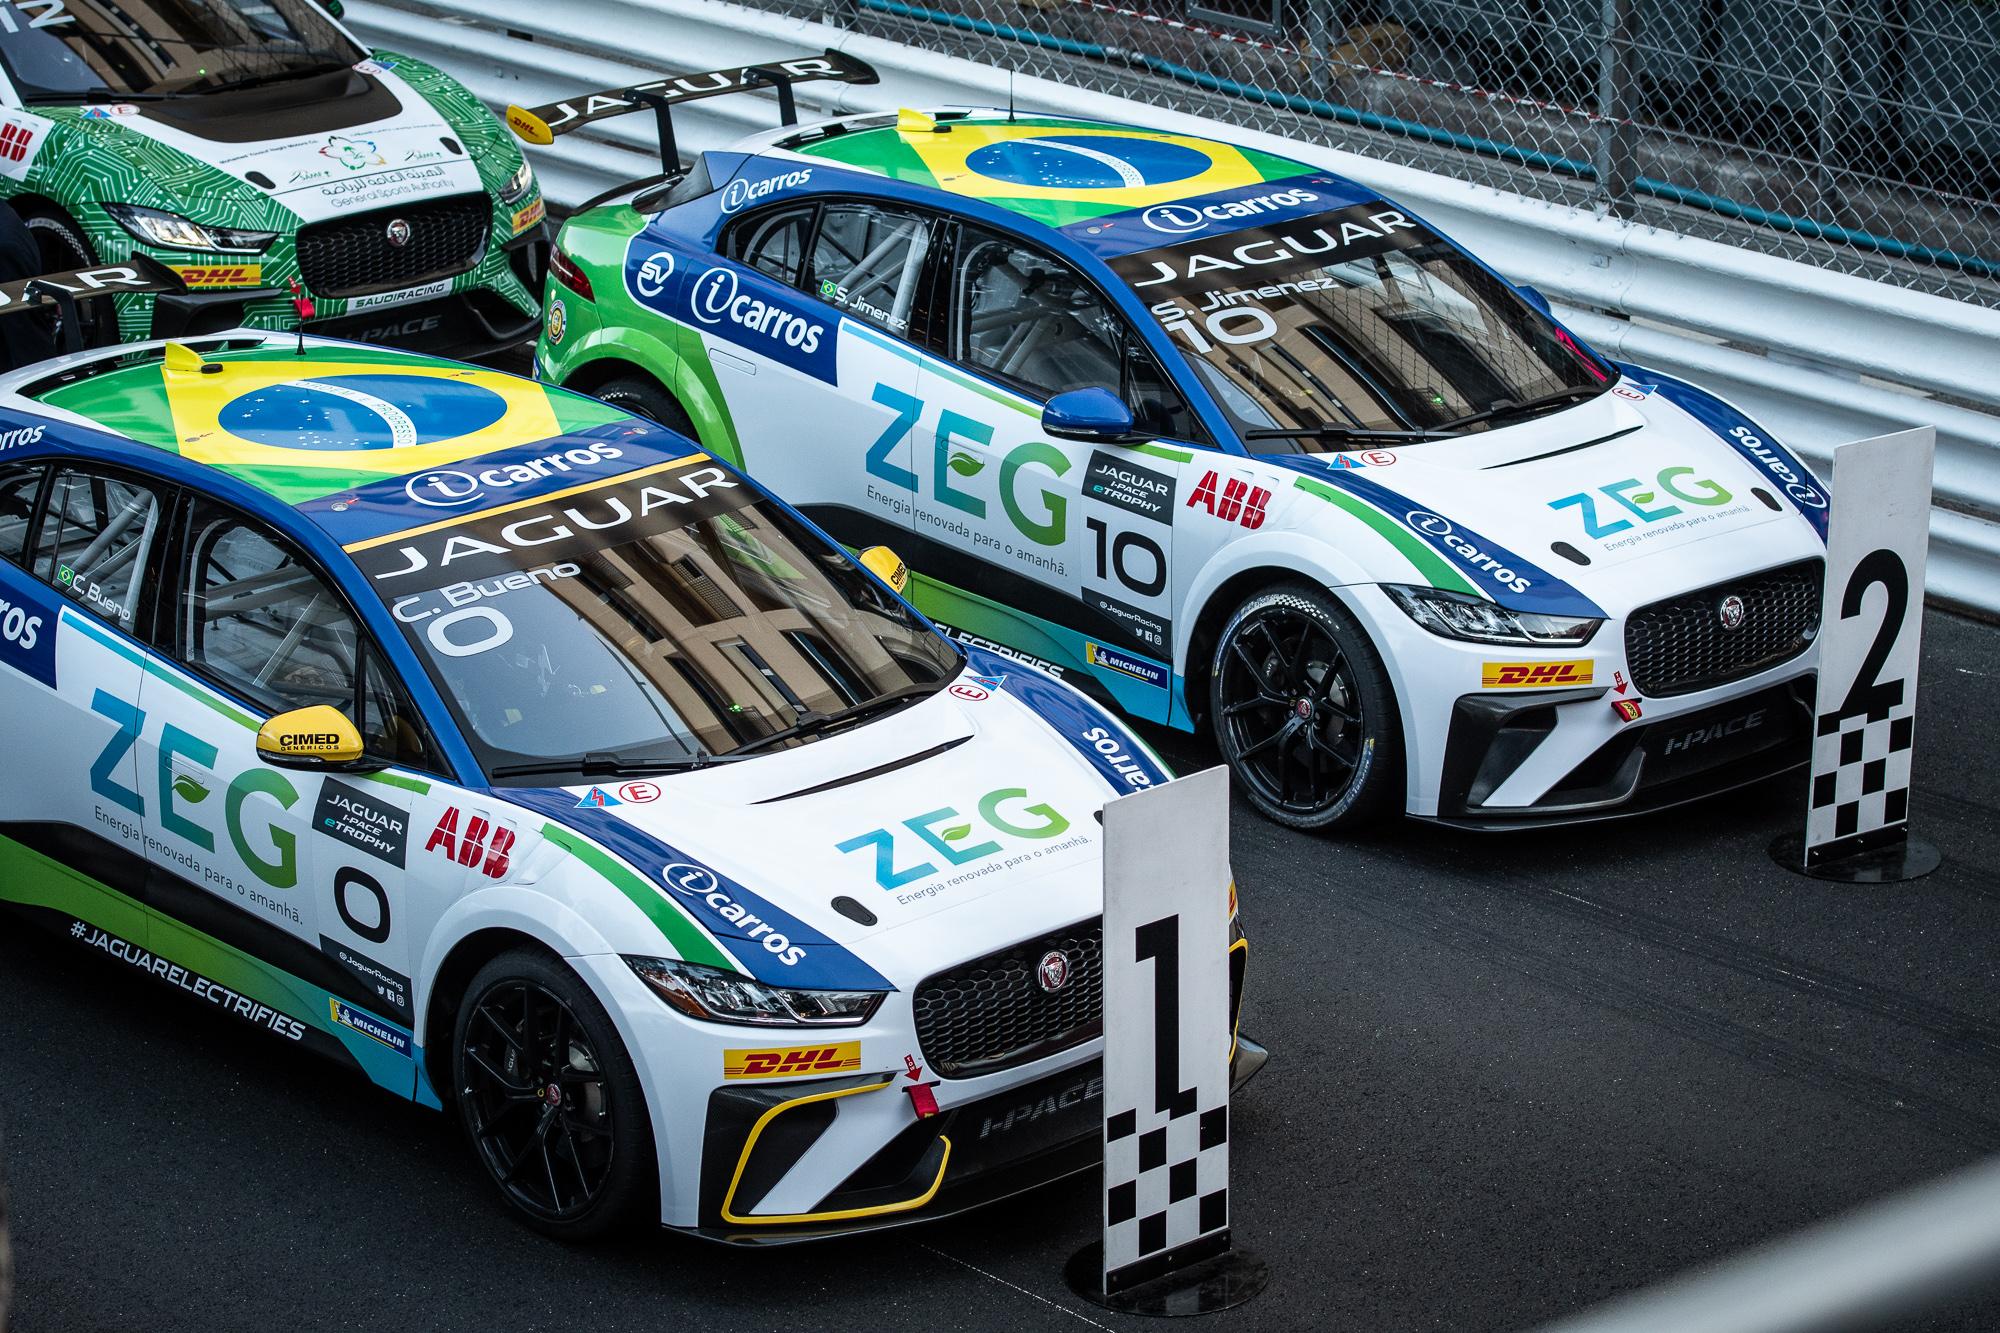 Jaguar_7.Monaco_josemariodias_05053